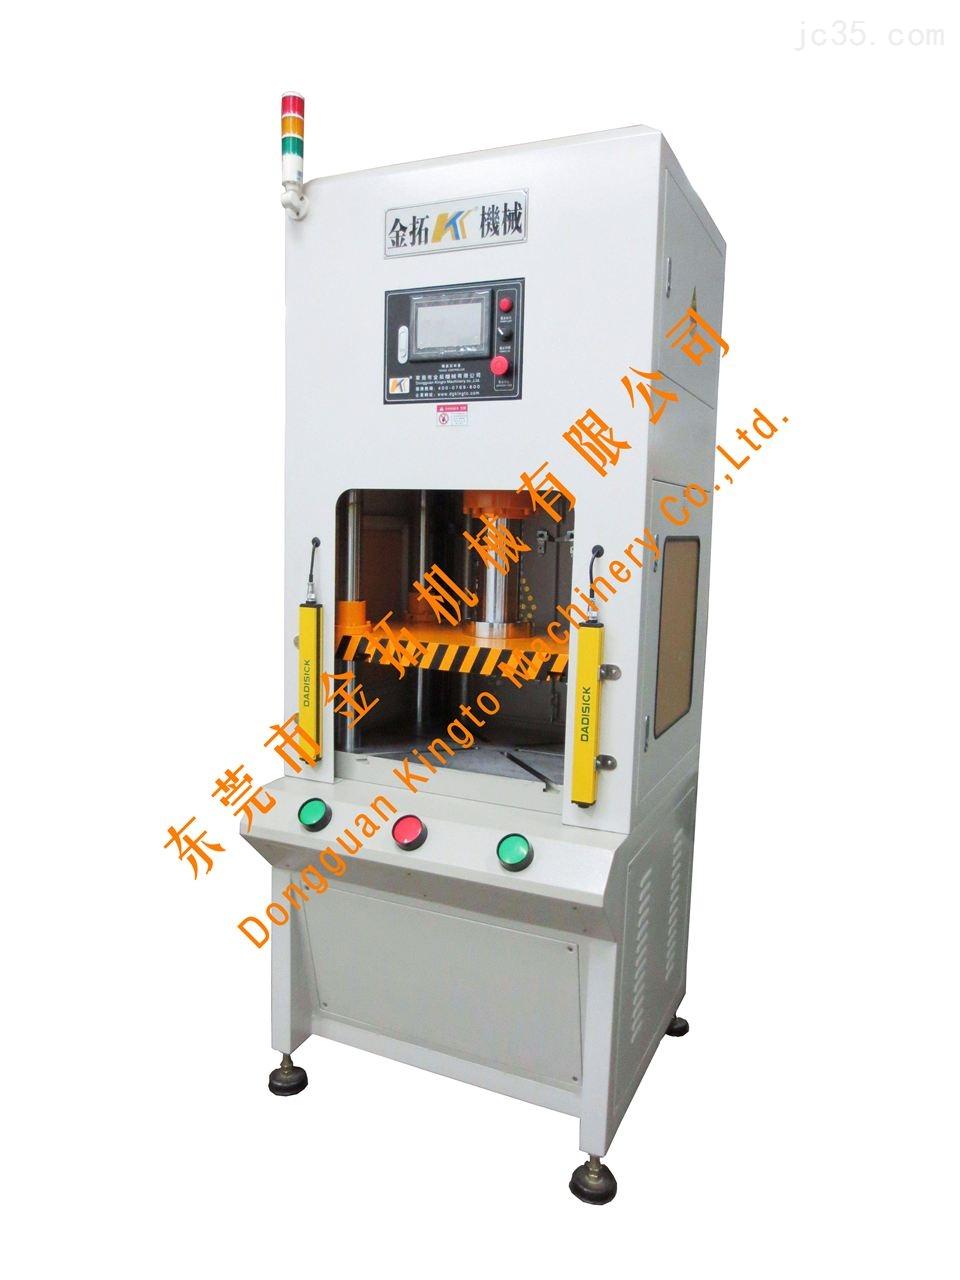 数控油压机,数控液压机,伺服电子压力机